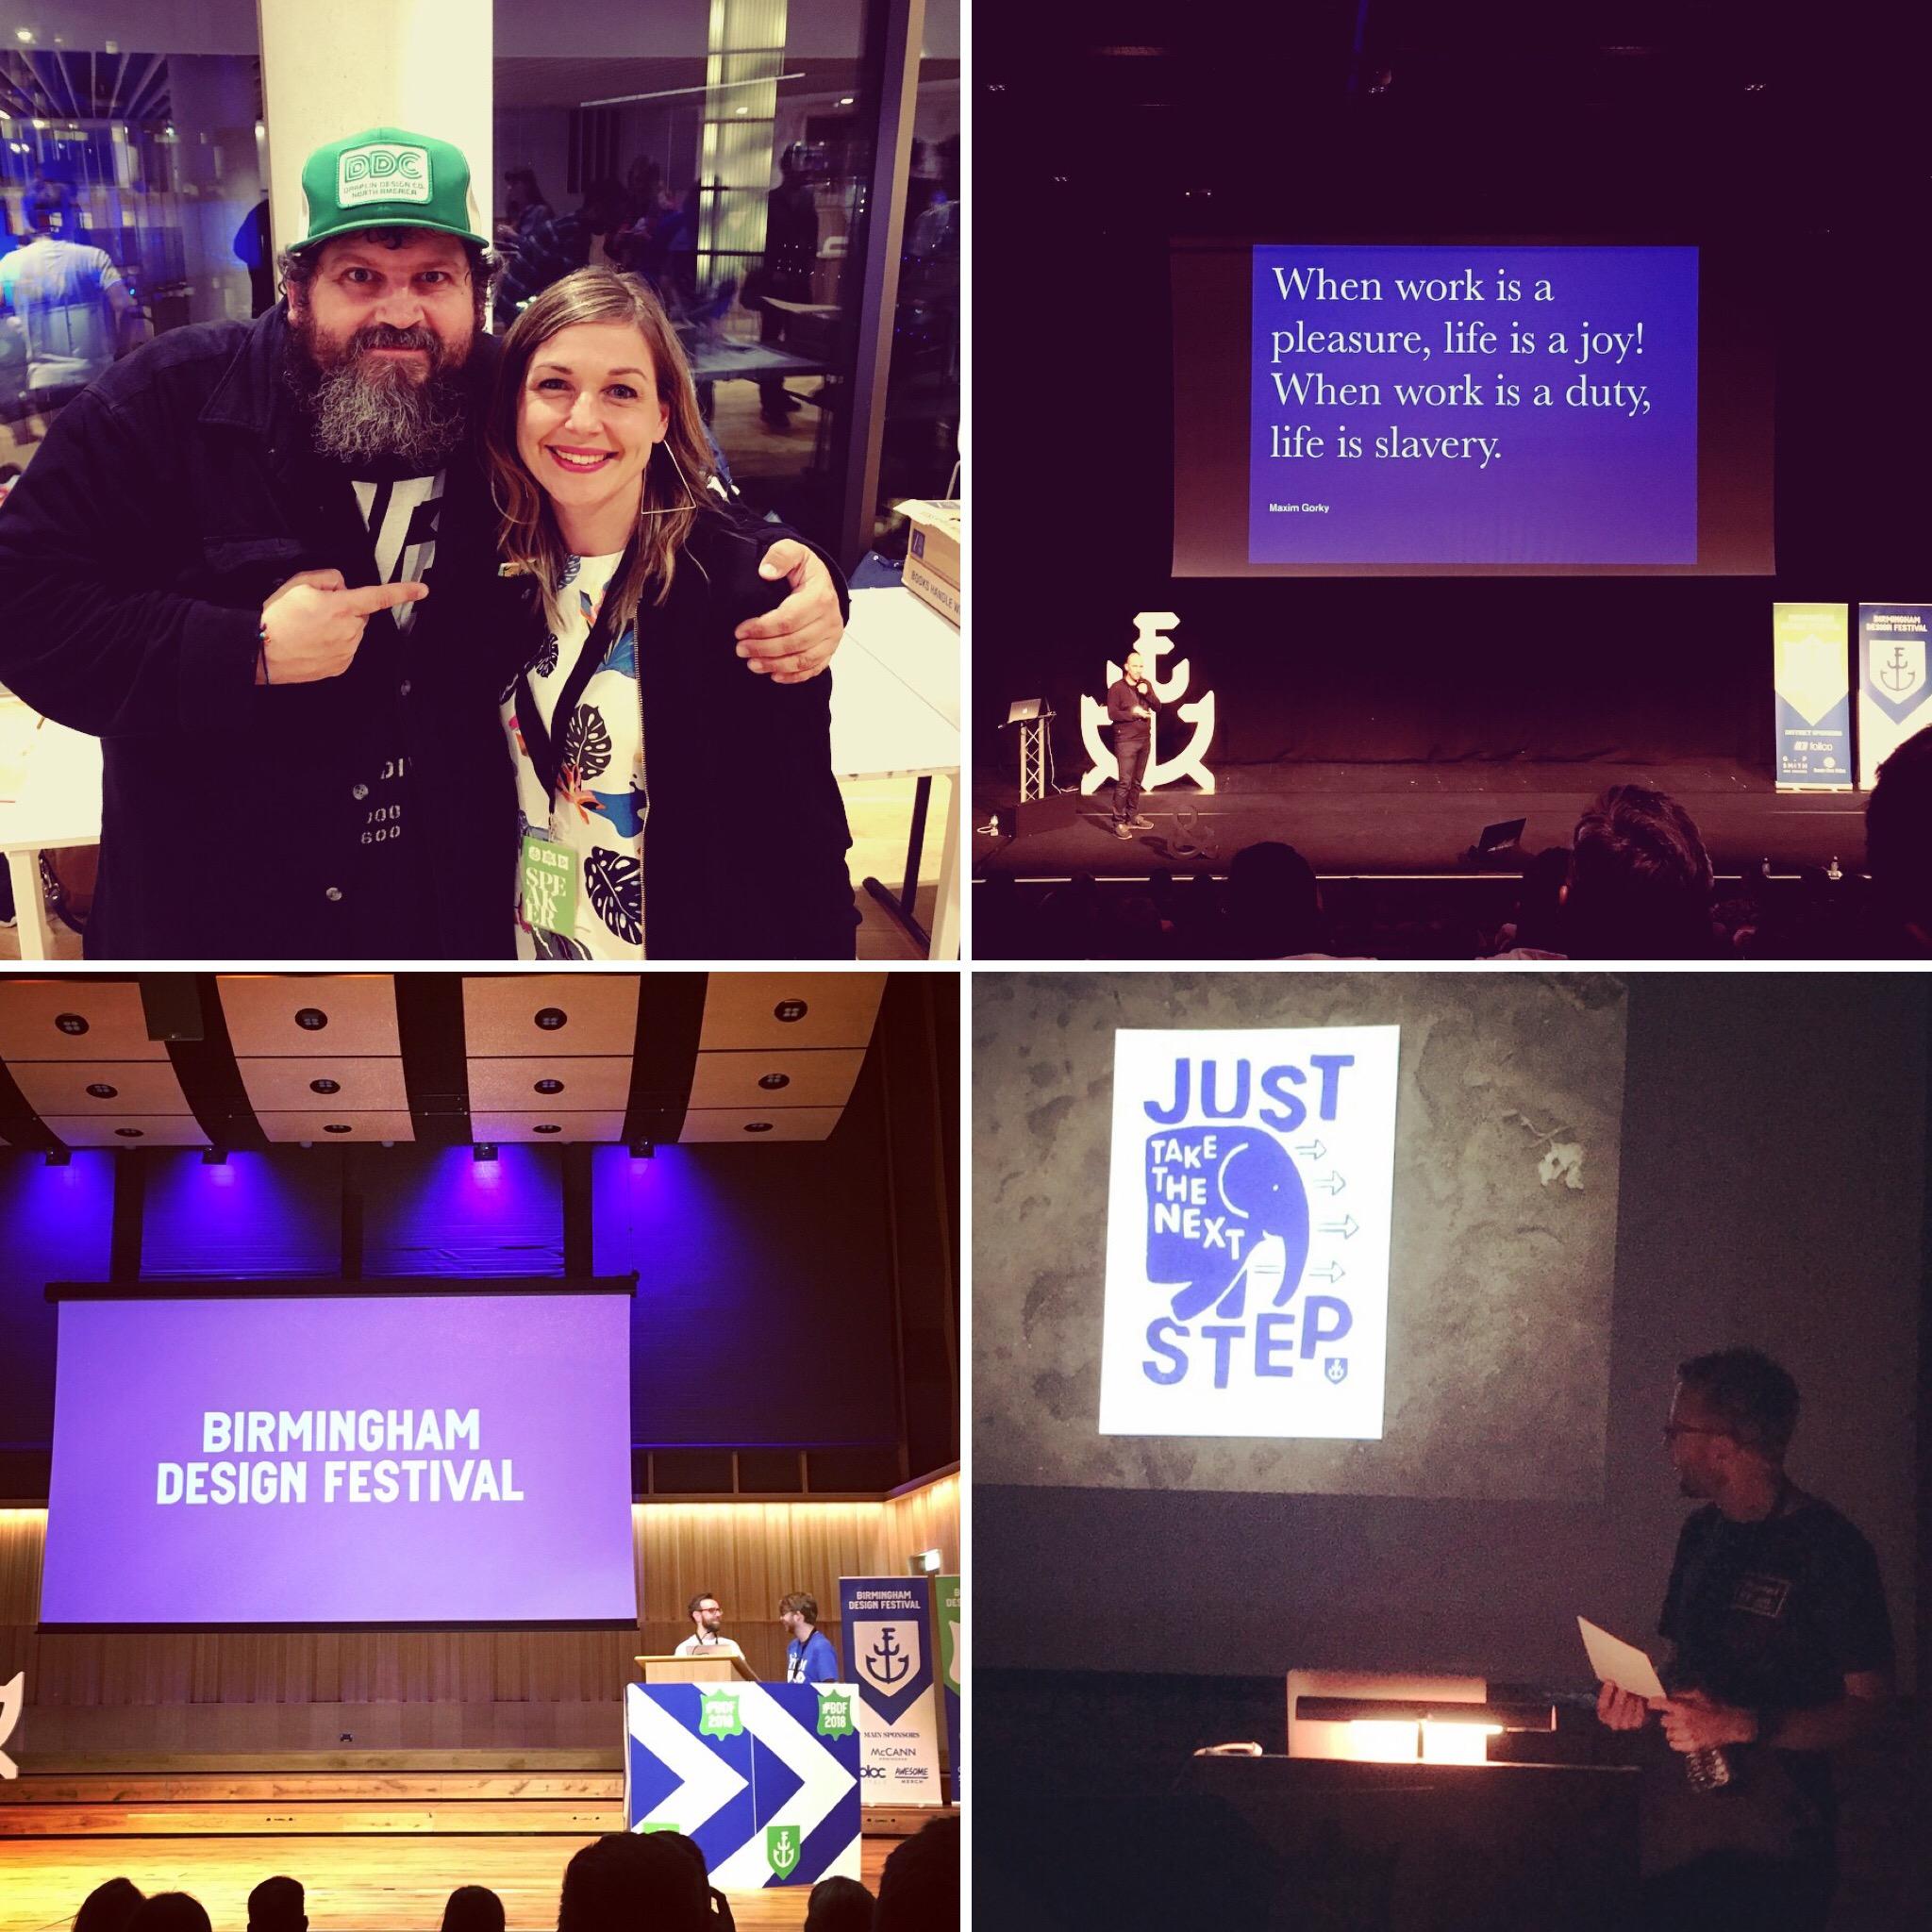 Birmingham Design Festival